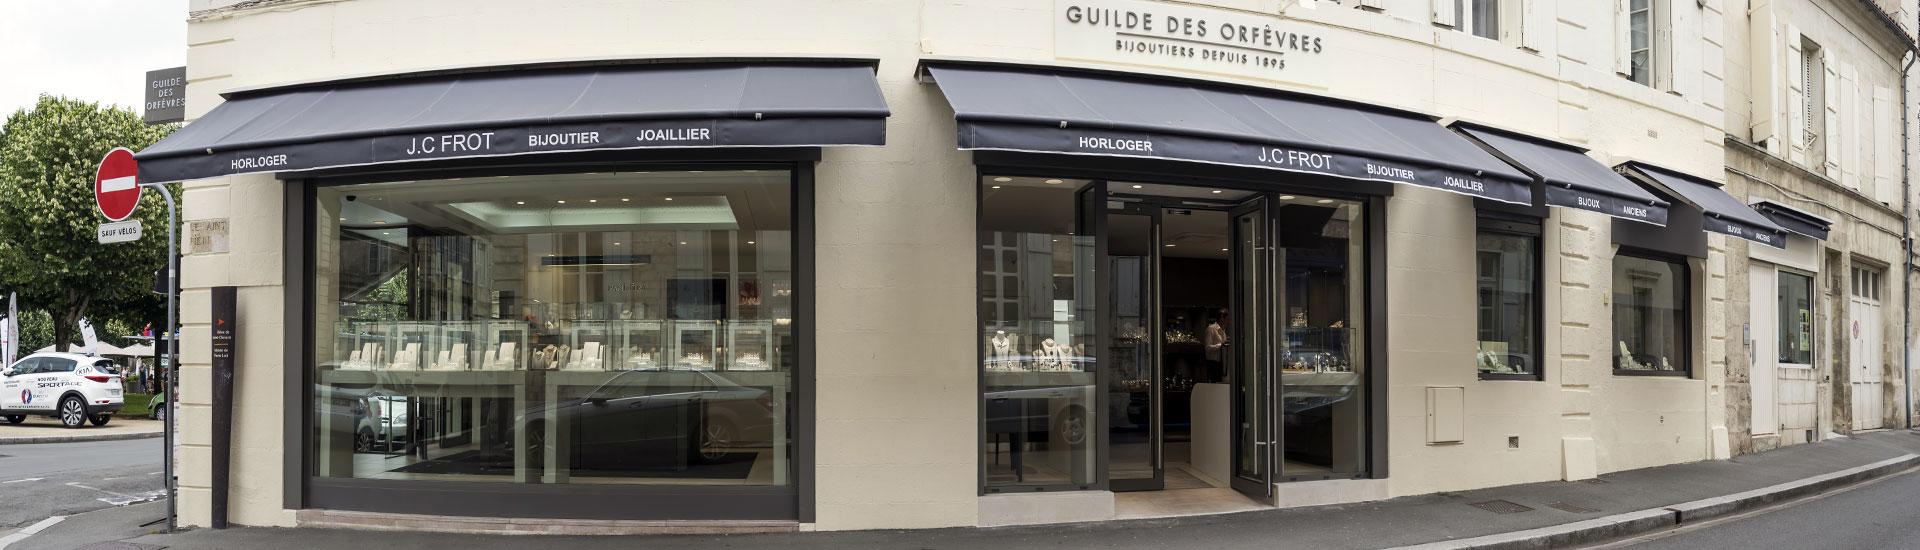 Boutique_Bijouterie_Frot_b